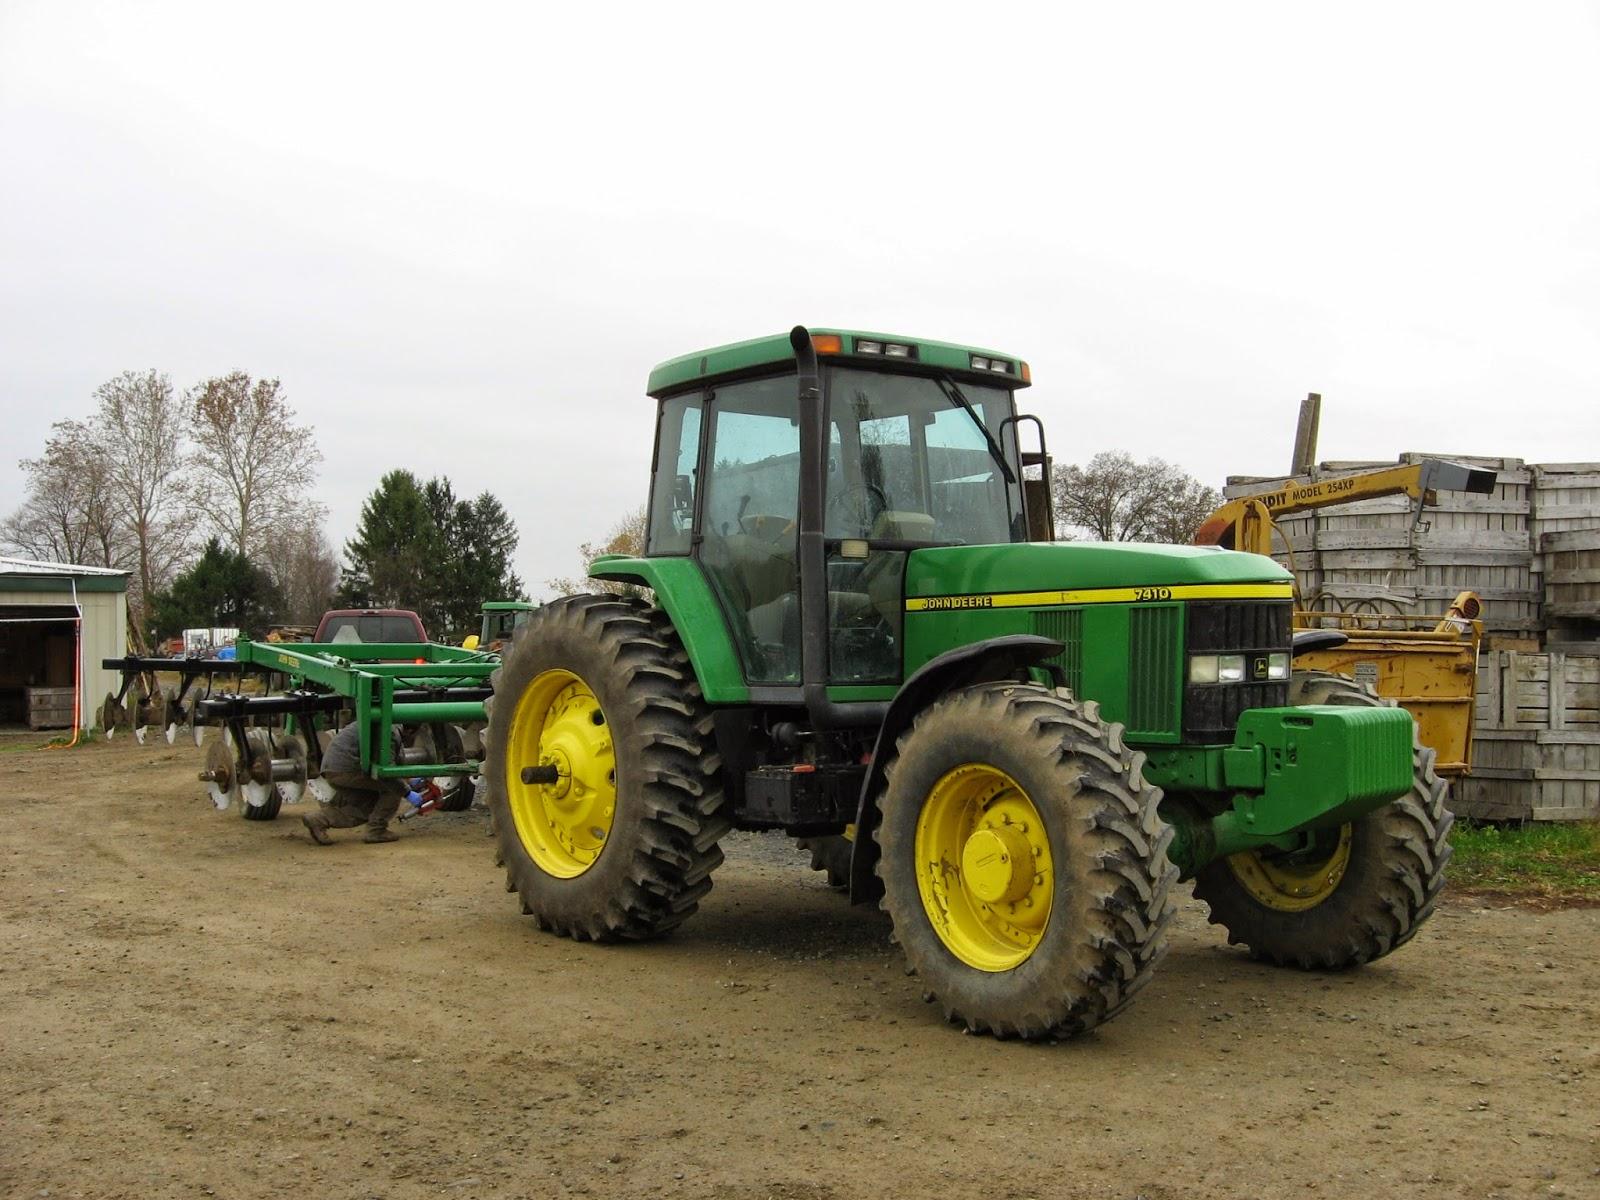 John Deere 7410 tractor